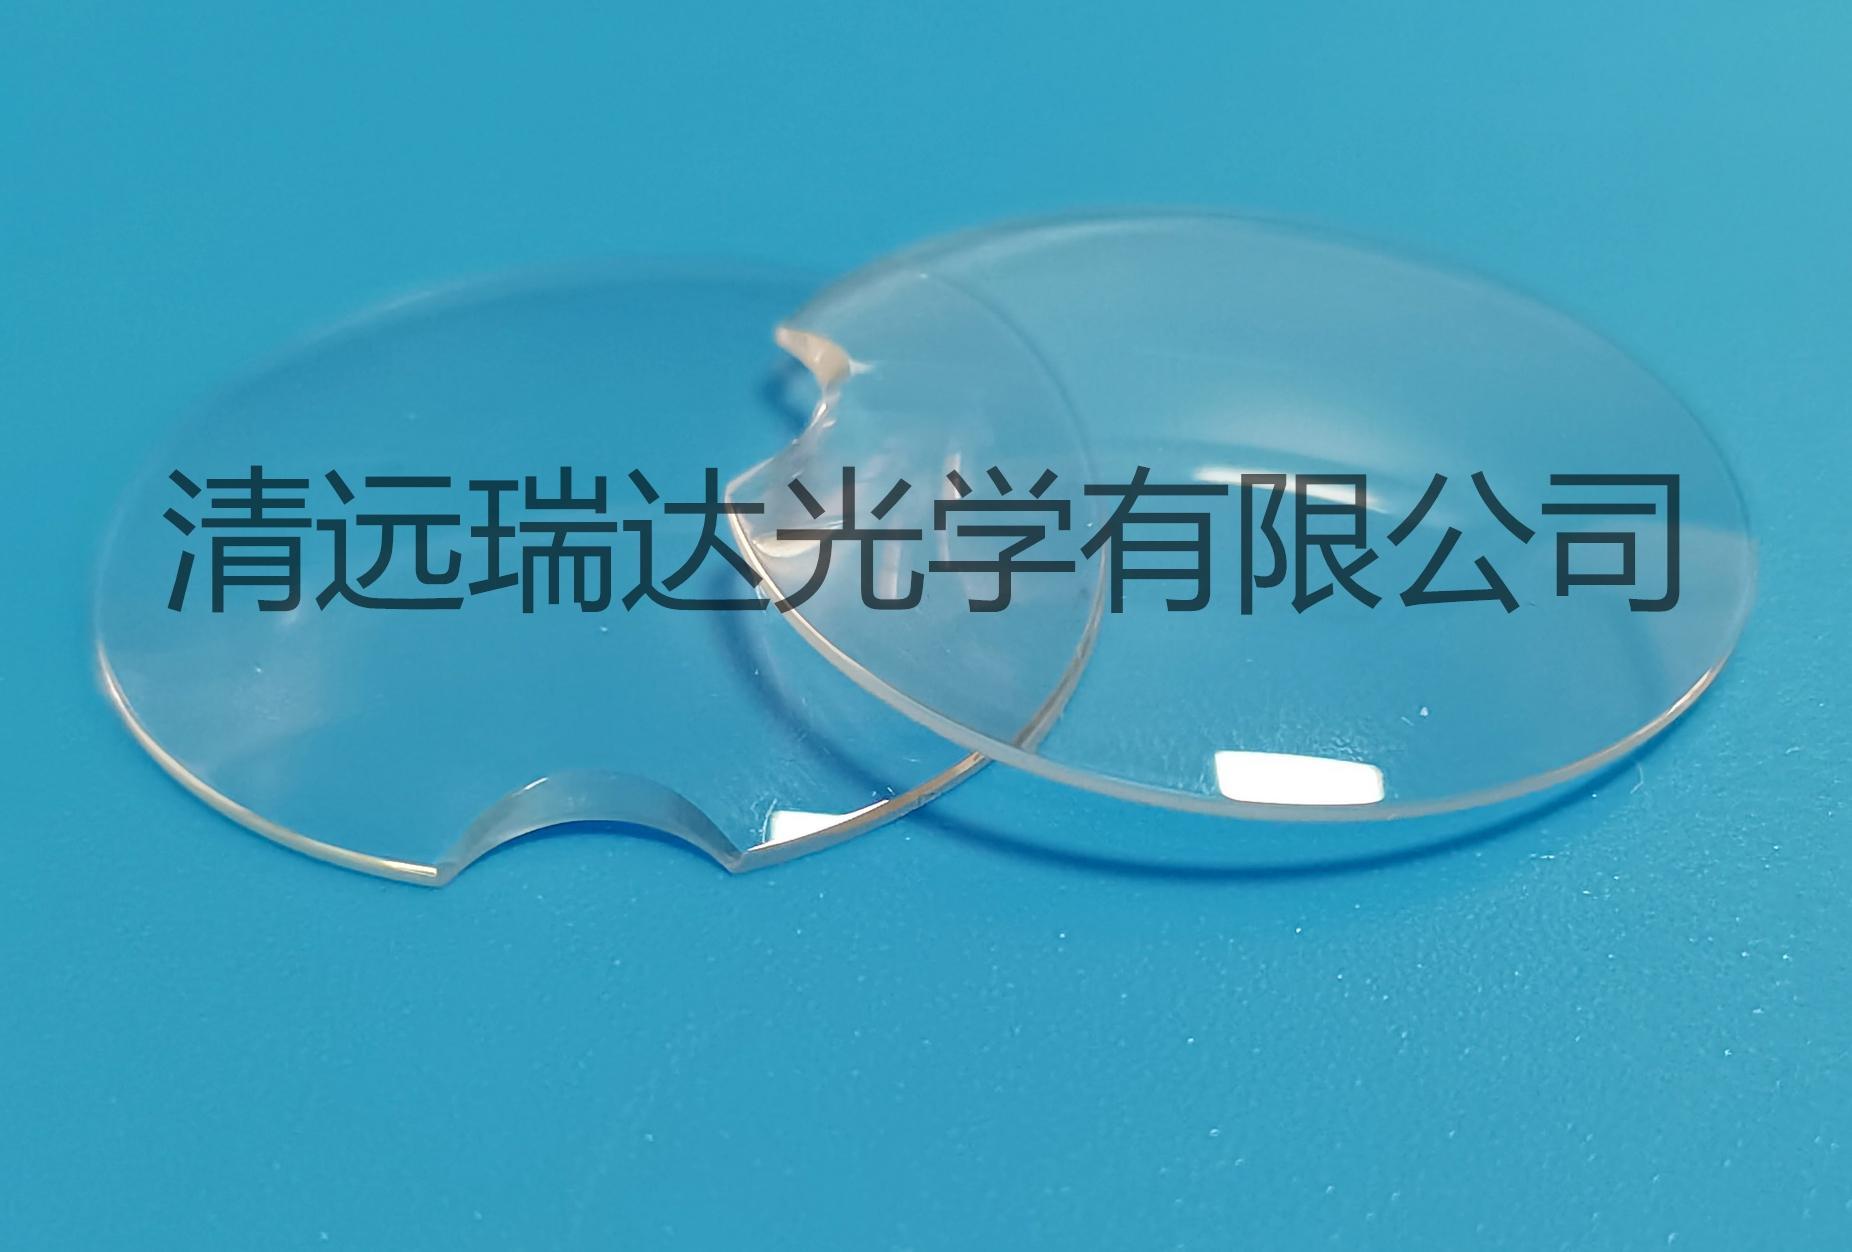 蓝宝石镀膜单双卜智能手表玻璃盖 1